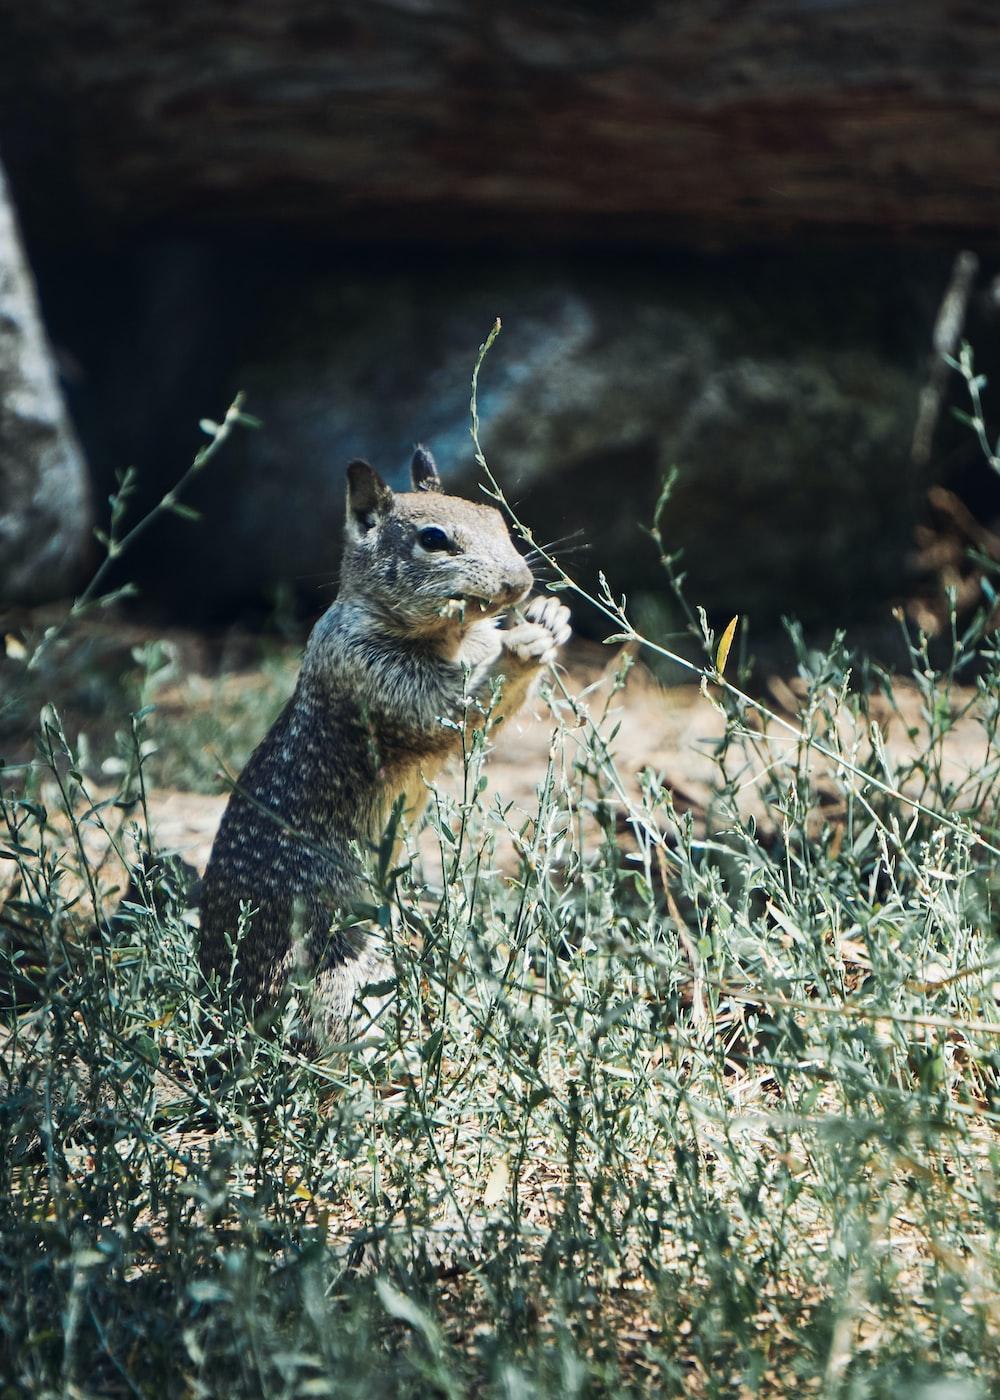 gray rodent eating grass screenshot